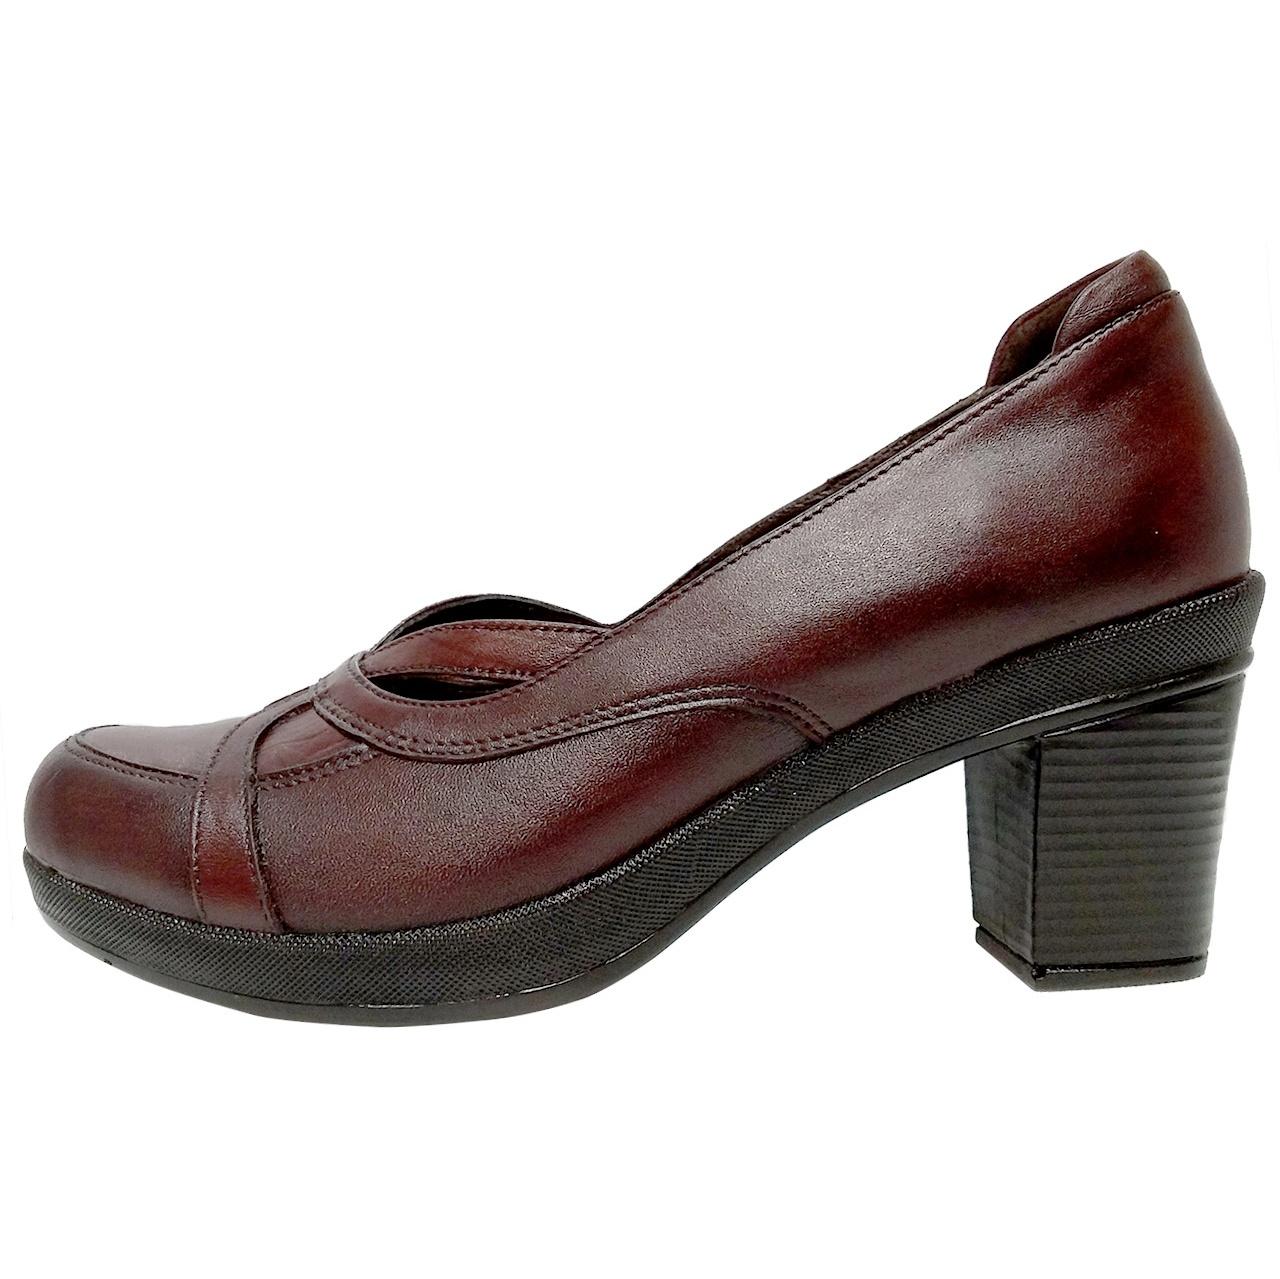 خرید                      کفش زنانه روشن مدل نازنین کد 02